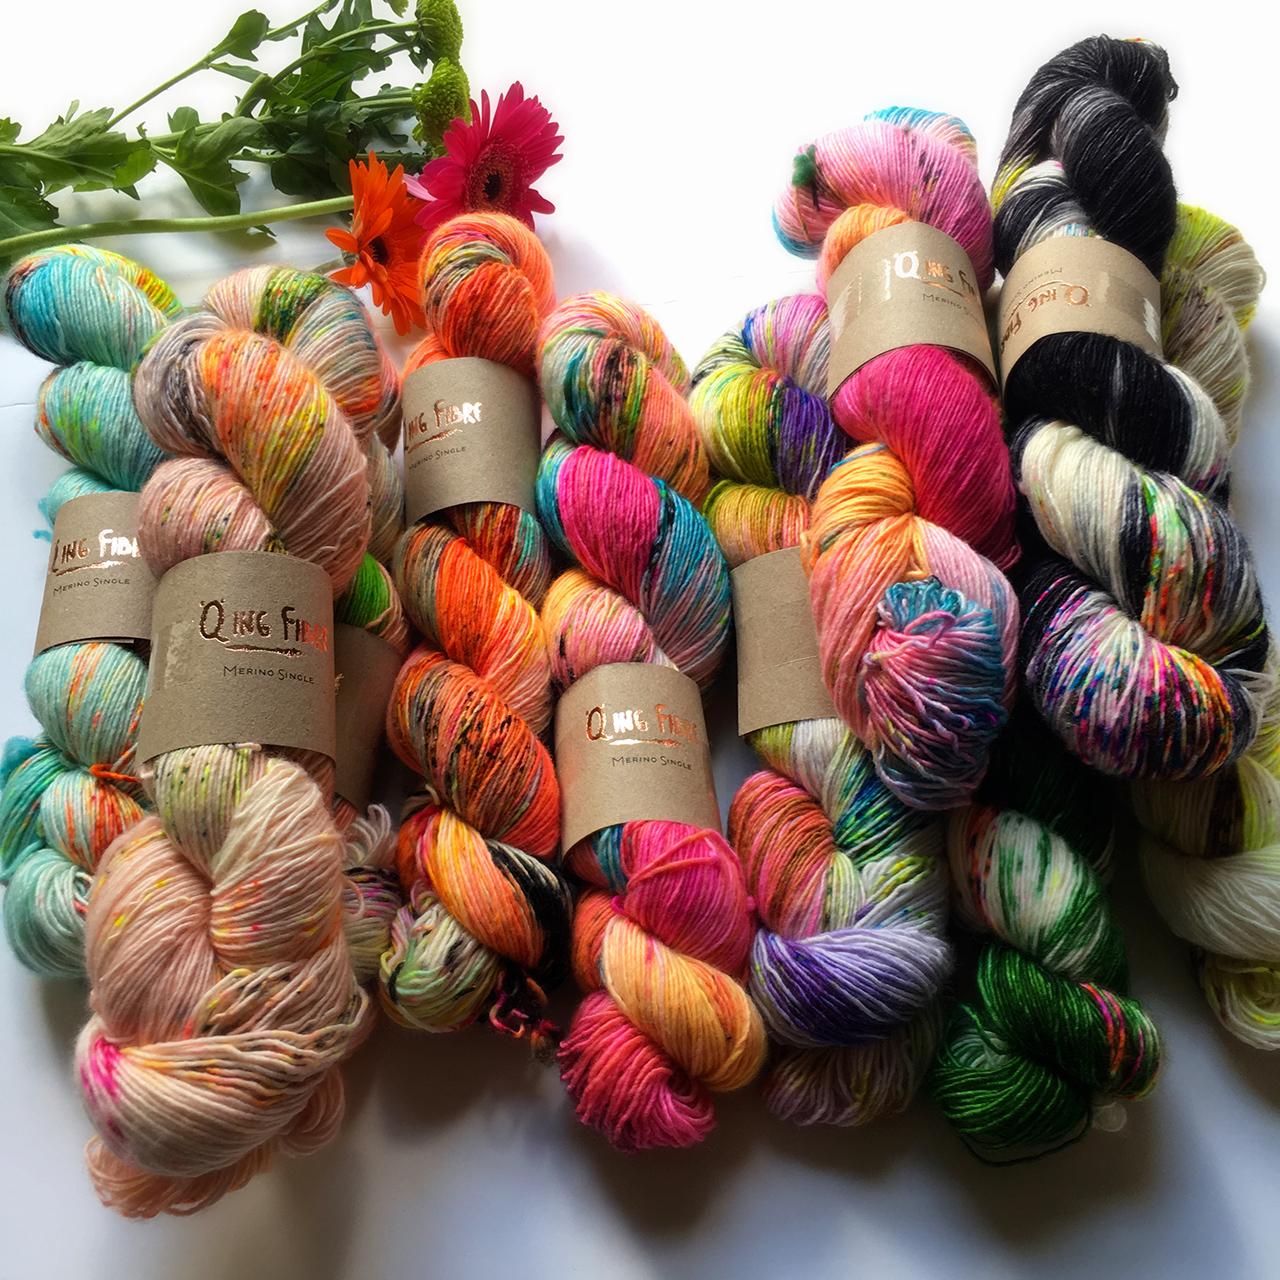 Hand-dyed Yarn at Loop London